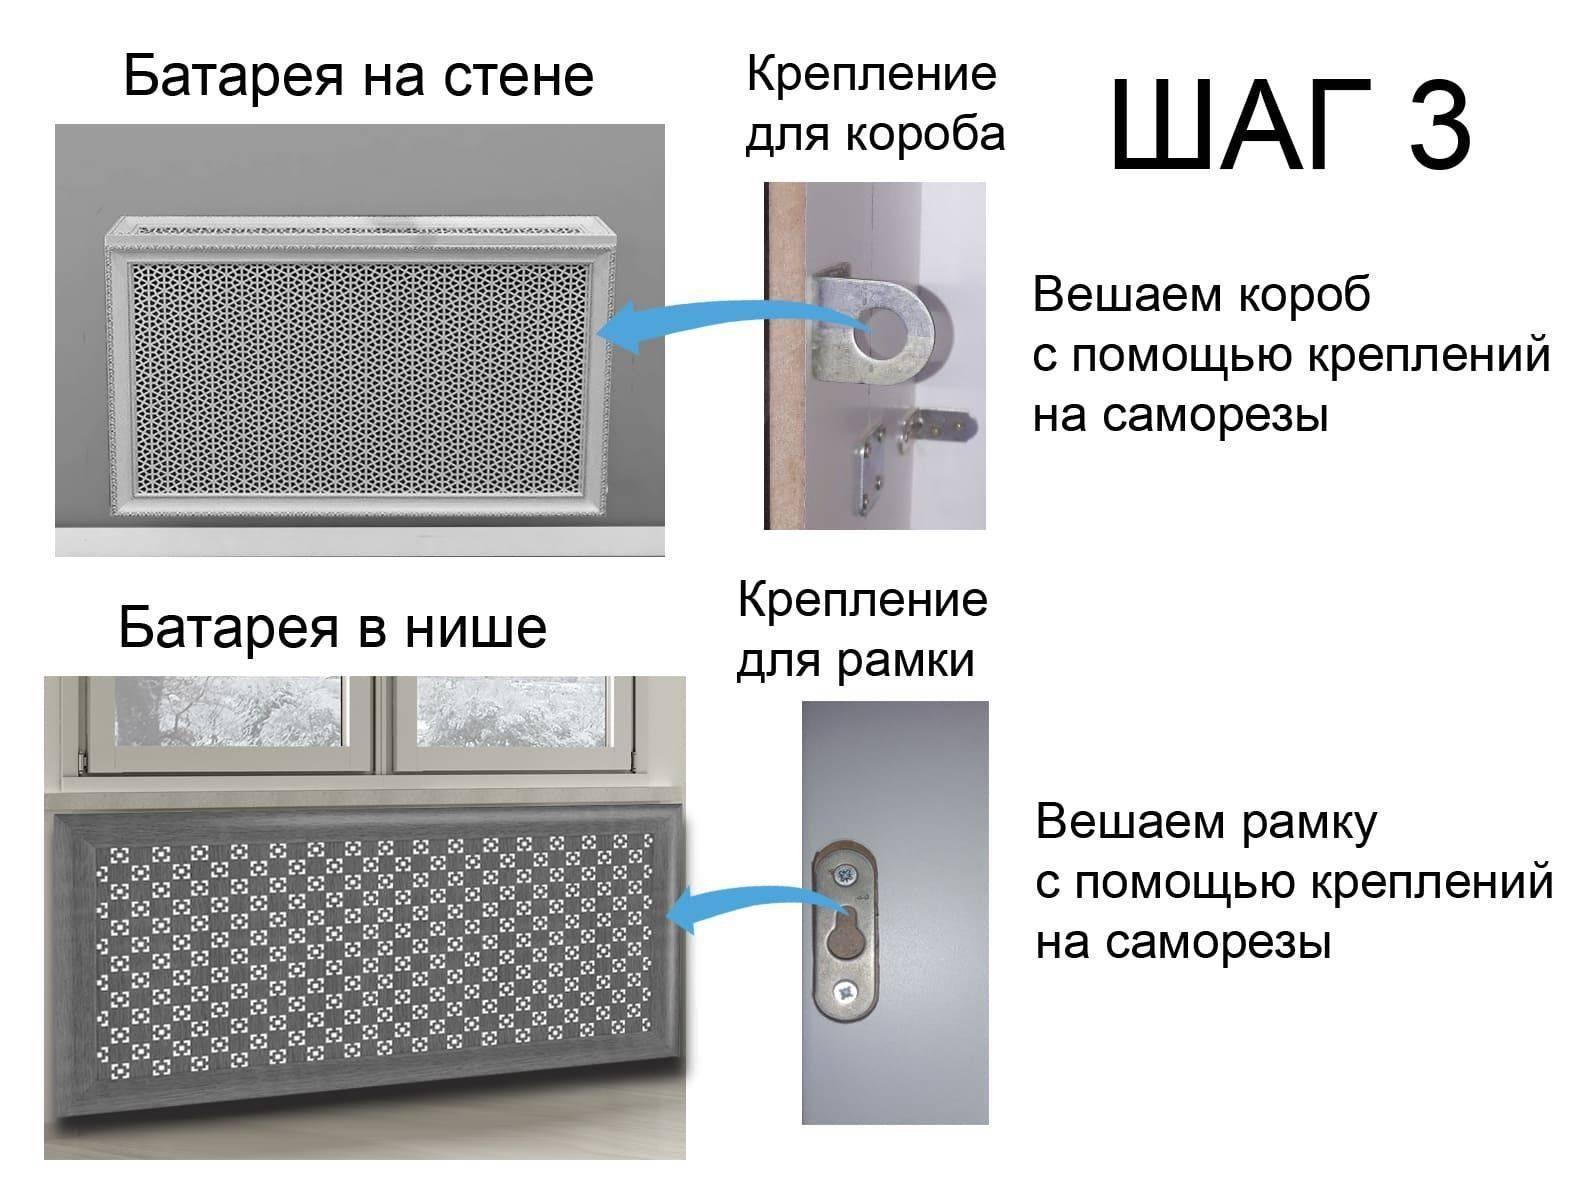 Декоративная решетка для радиатора: обзор видов решеток, материалы изготовления